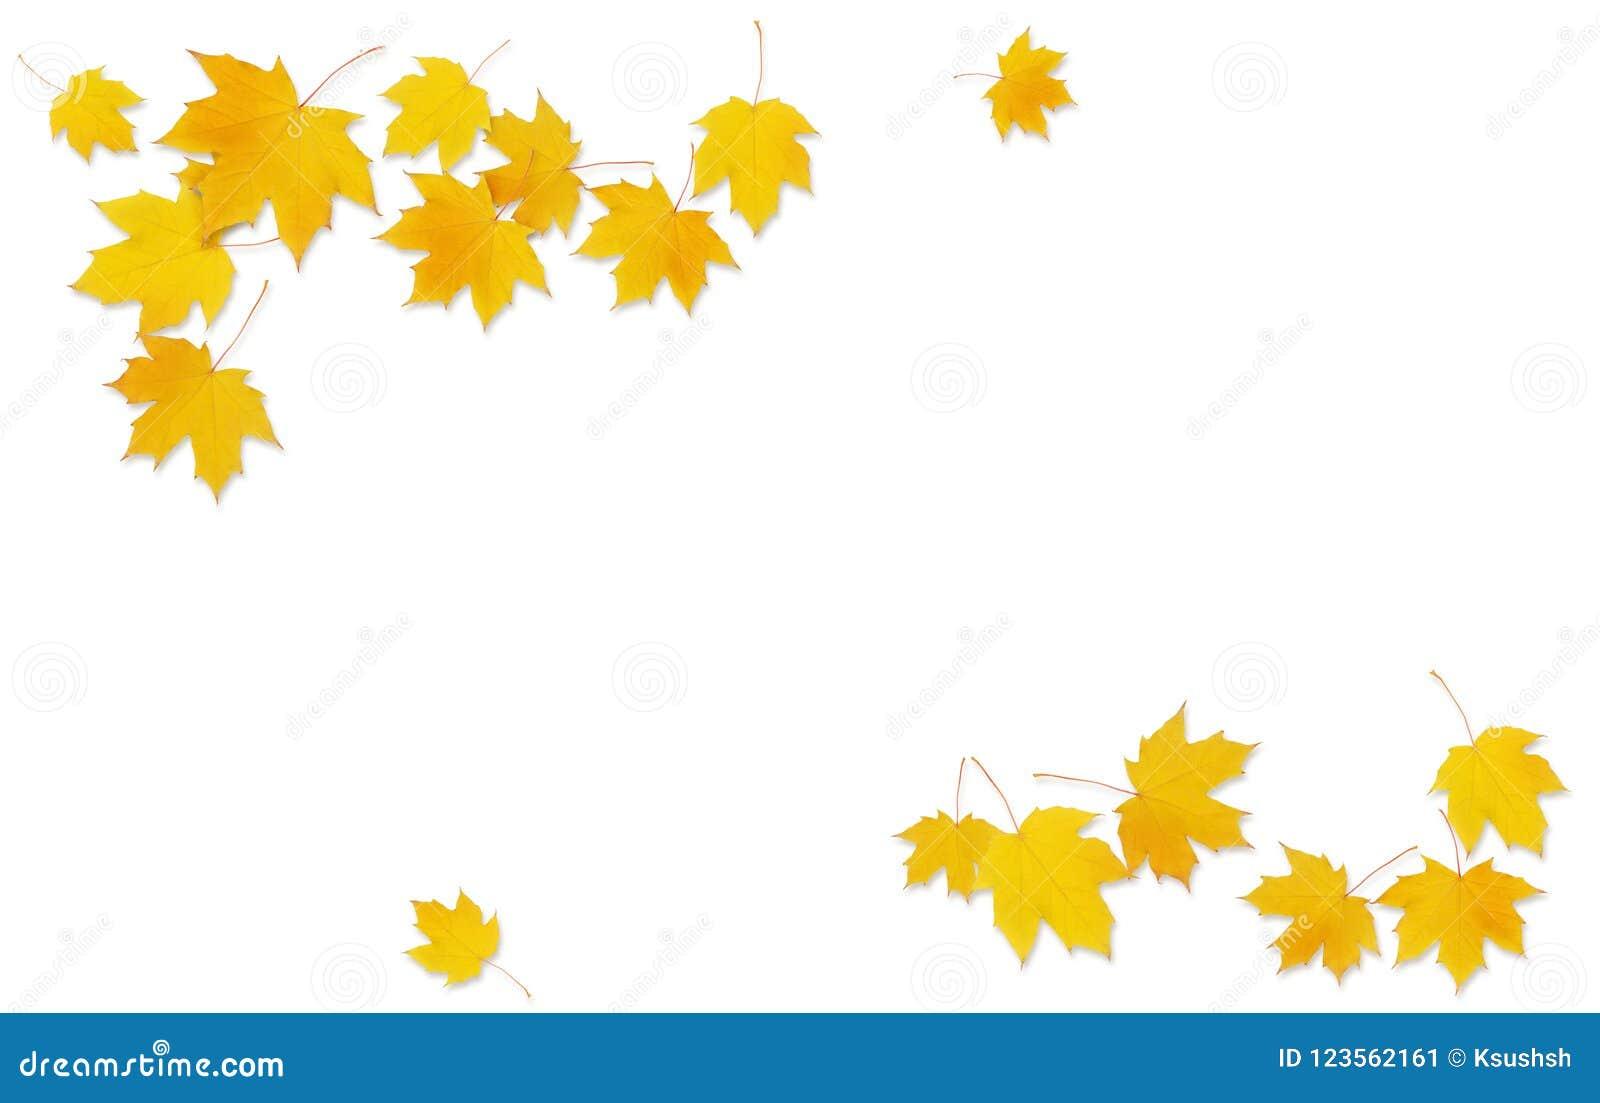 Brindille d érable d automne avec les feuilles jaunes